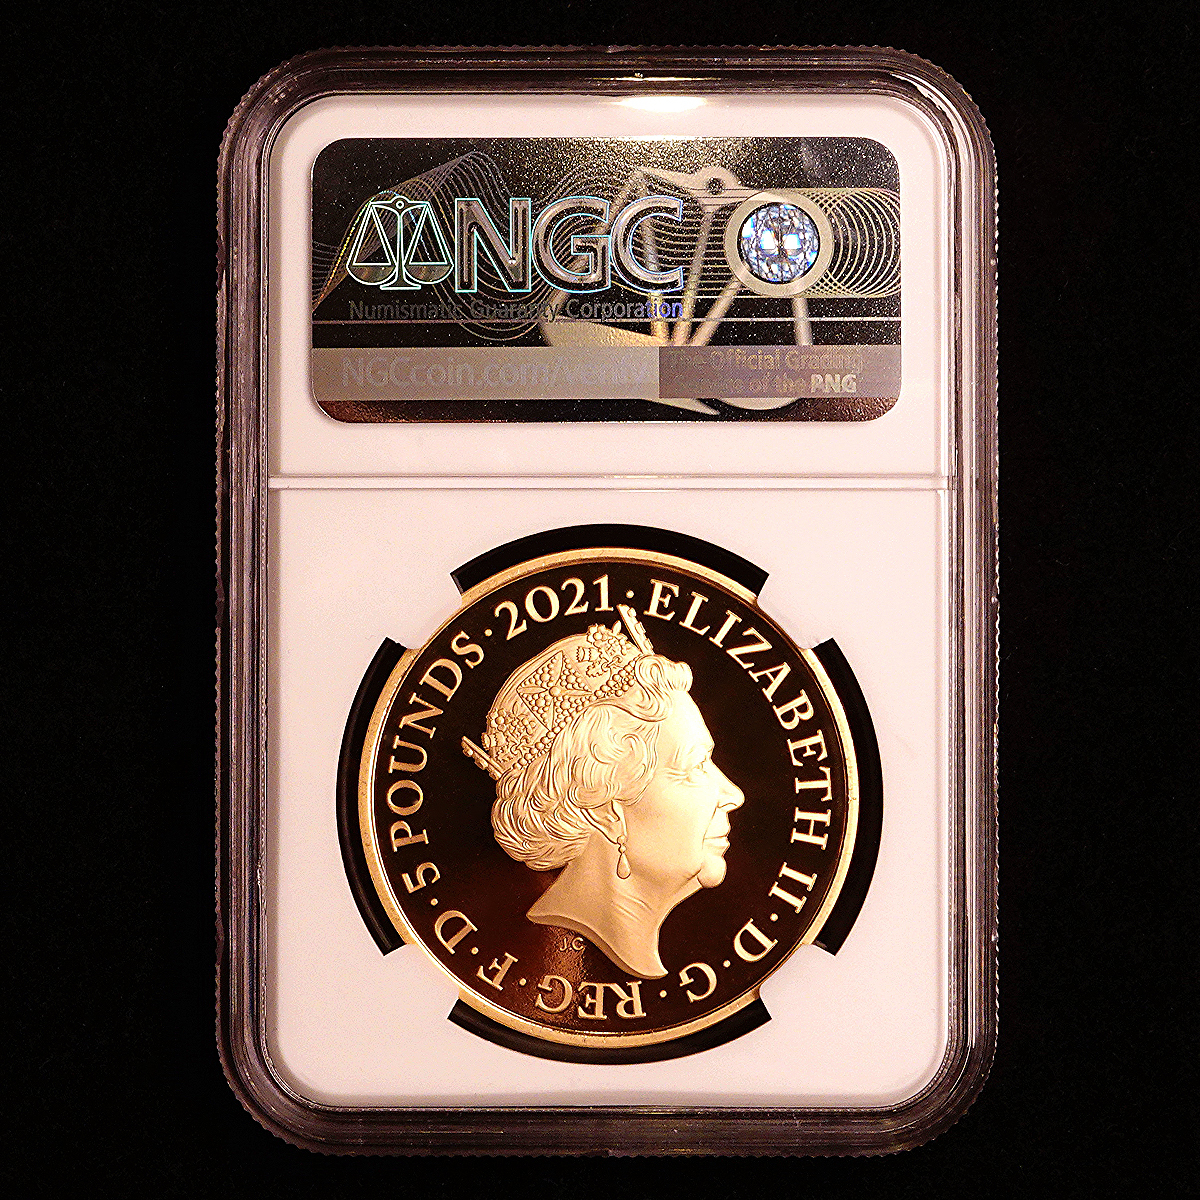 イギリス 2021年 ロイヤル・アルバート・ホール開場150周年記念 英国 5ポンド 金貨 NGC PF70UC【最高鑑定】_画像5